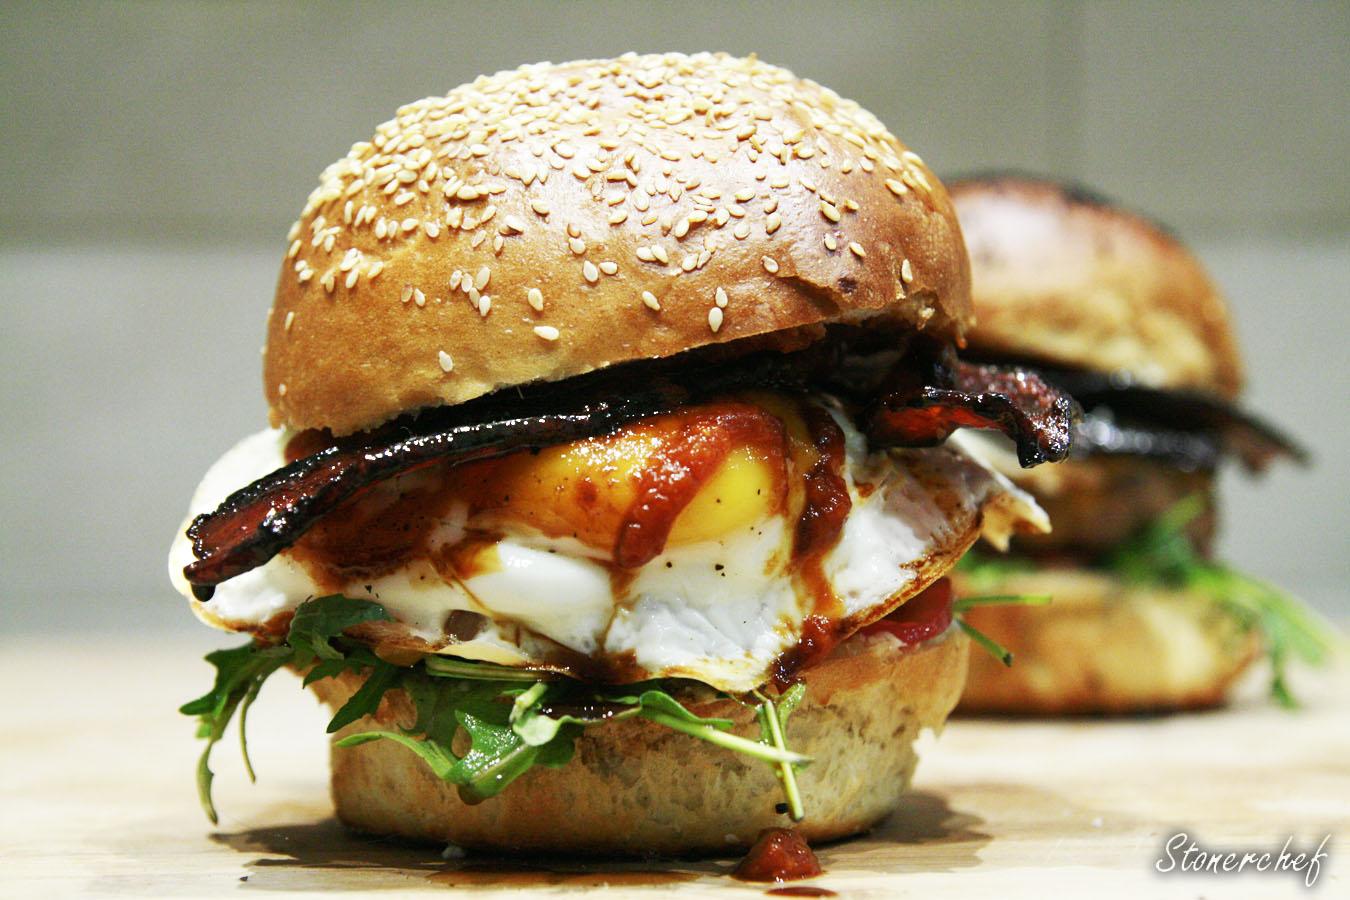 https://www.stonerchef.pl/wp-content/uploads/2017/03/zblizenie-na-burgera-z-jajkiem-sadzonym-i-bekonem-kandyzowanym-w-piwie.jpg